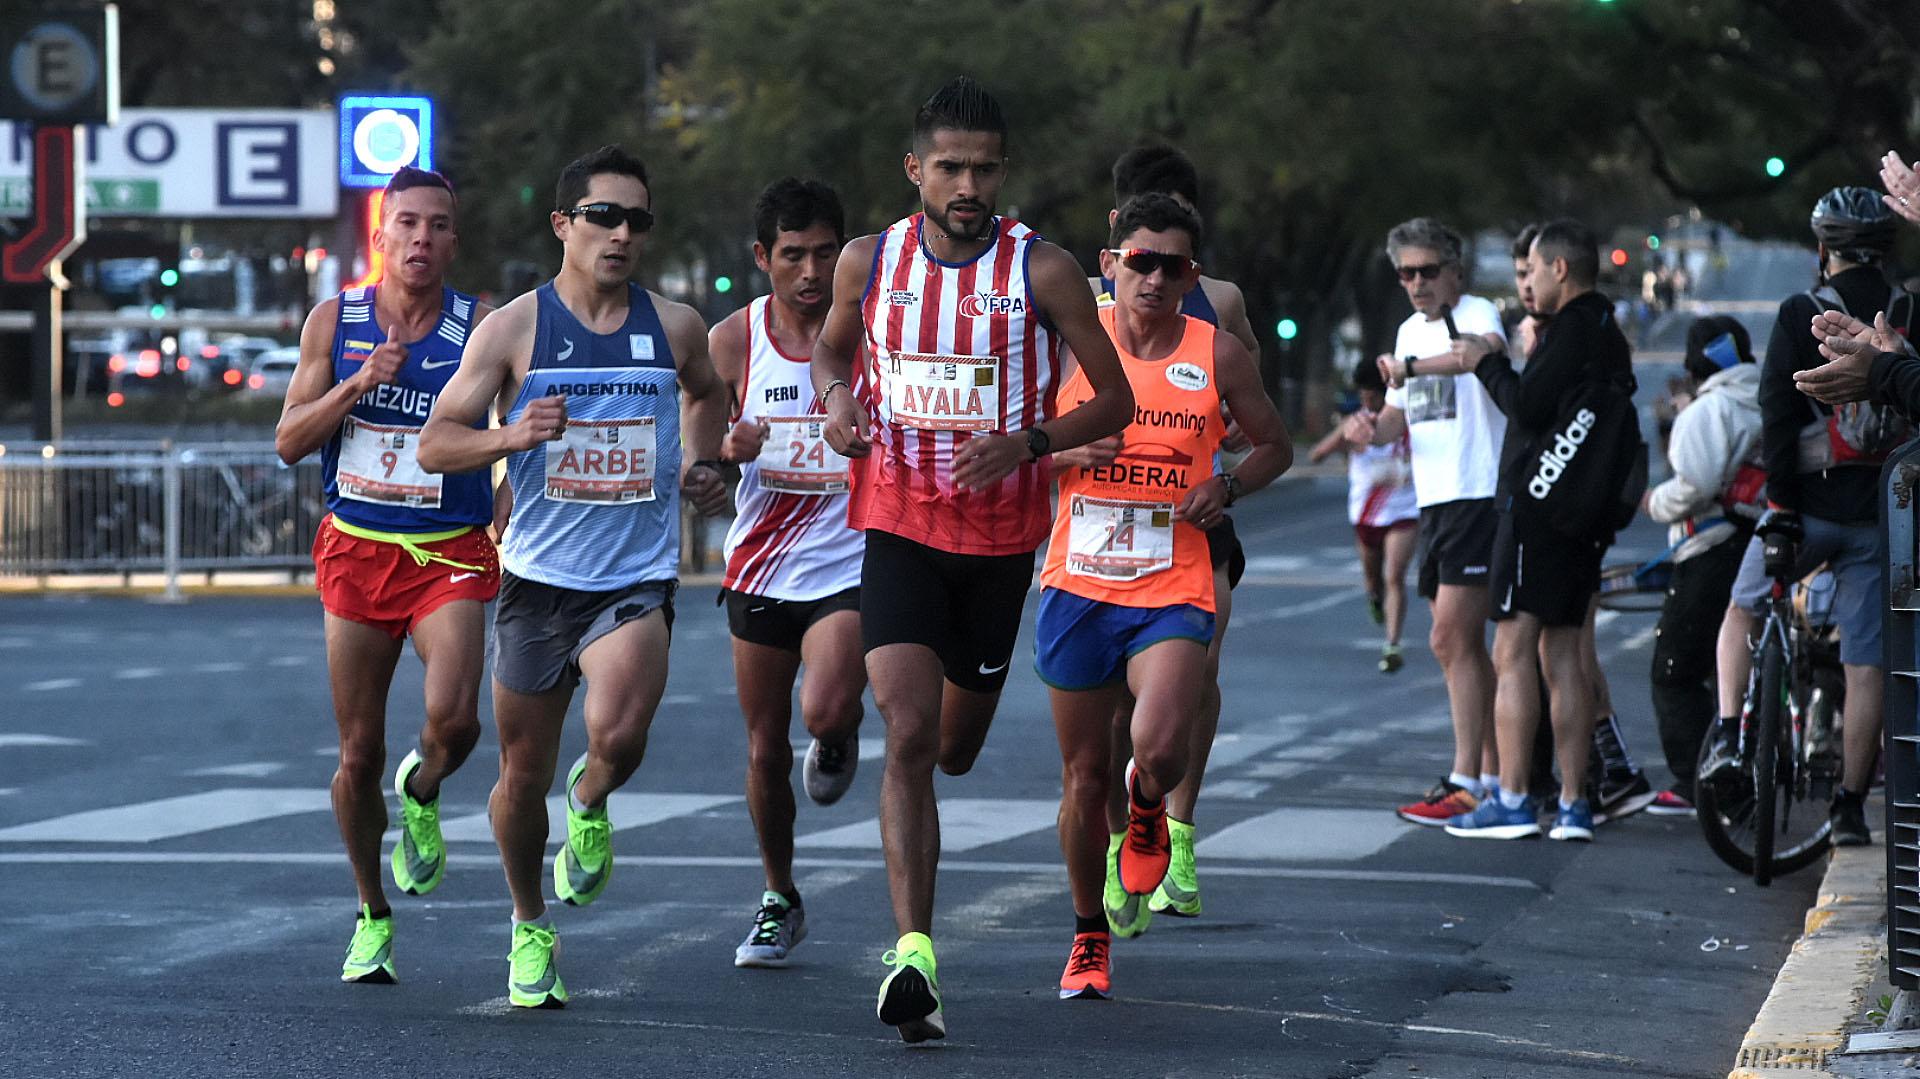 El paraguayo Derlis Ayala y el argentino Joaquín Arbe fueron los primeros sudamericanos en llegar